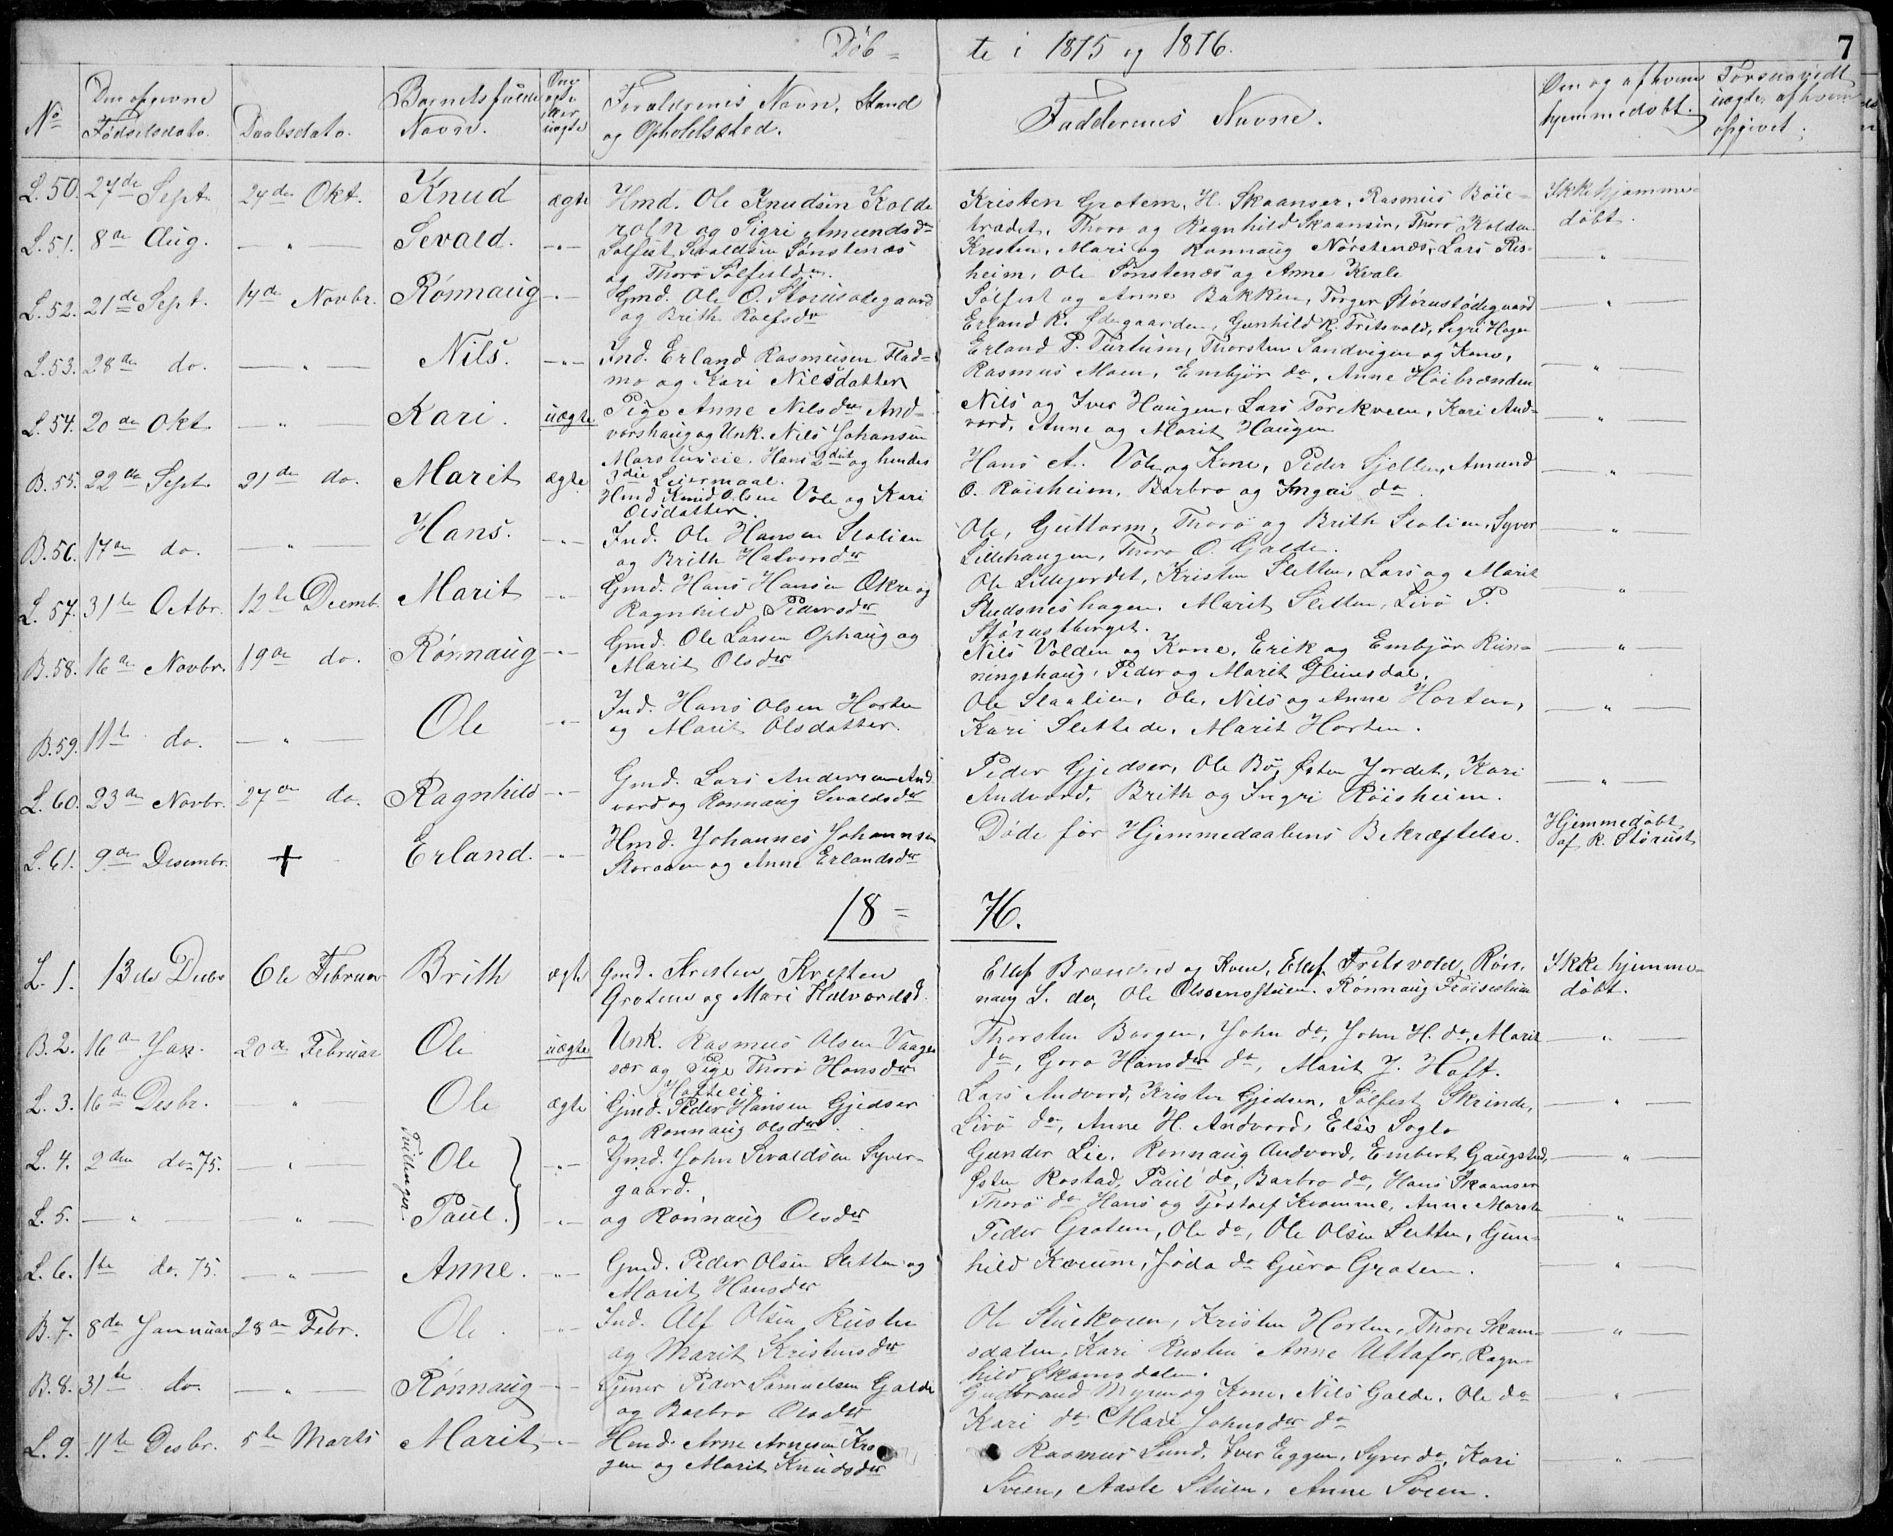 SAH, Lom prestekontor, L/L0013: Klokkerbok nr. 13, 1874-1938, s. 7